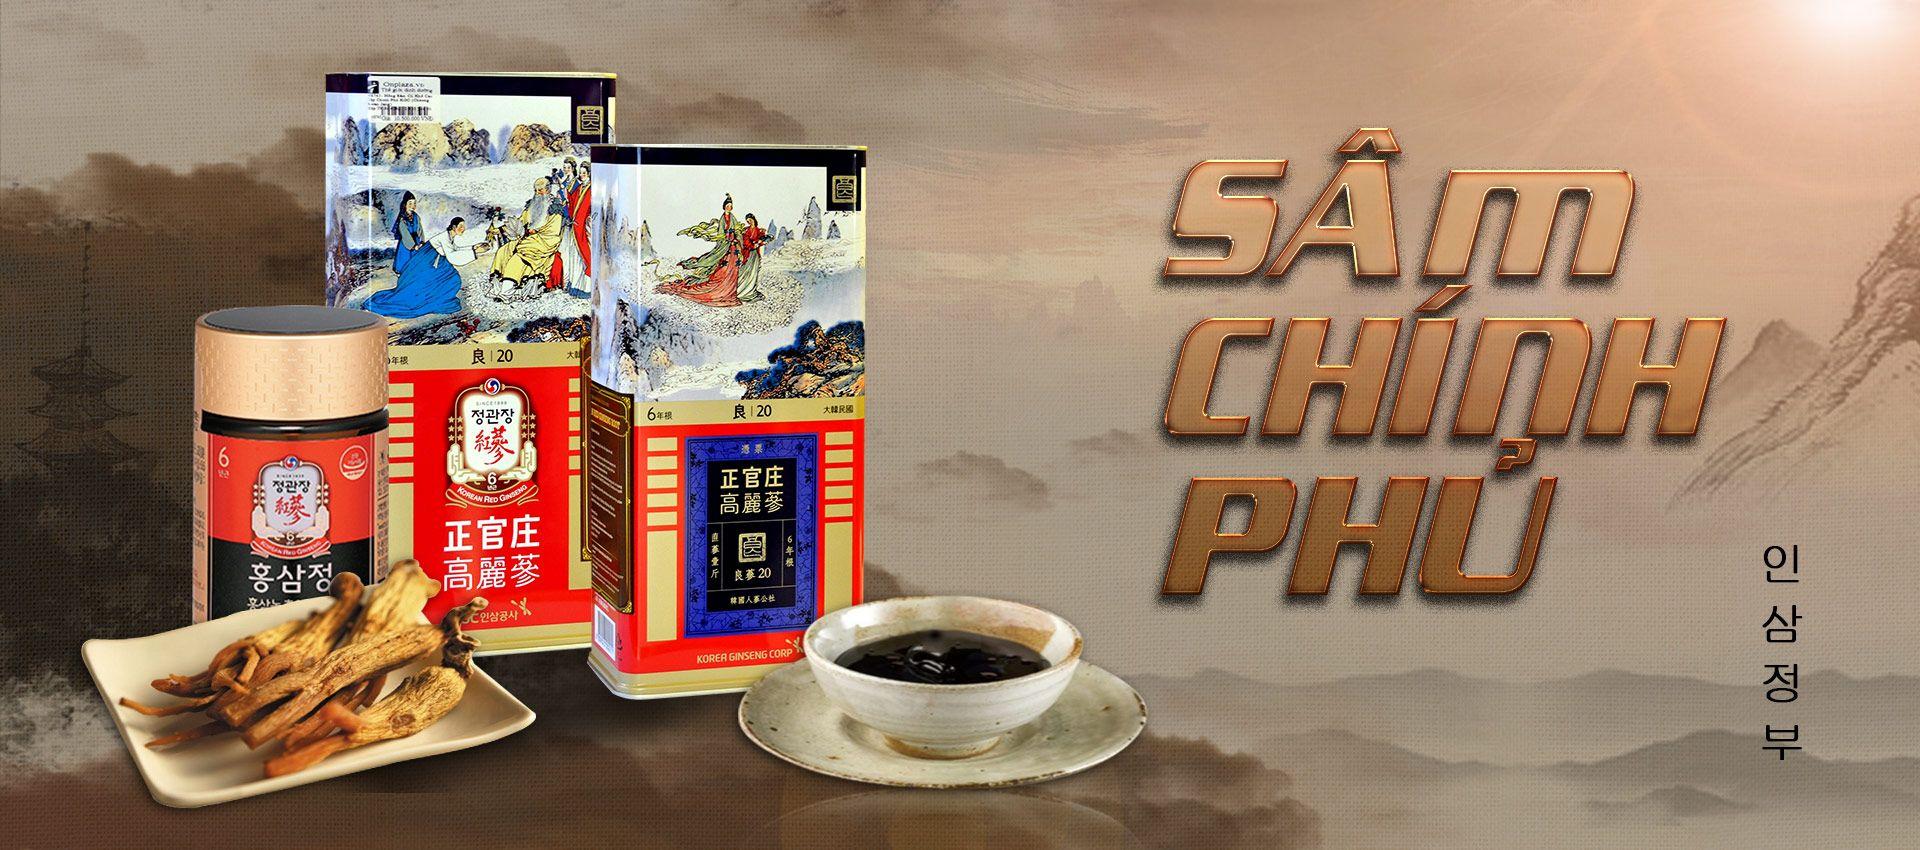 banner danh muc sam chinh phu pc